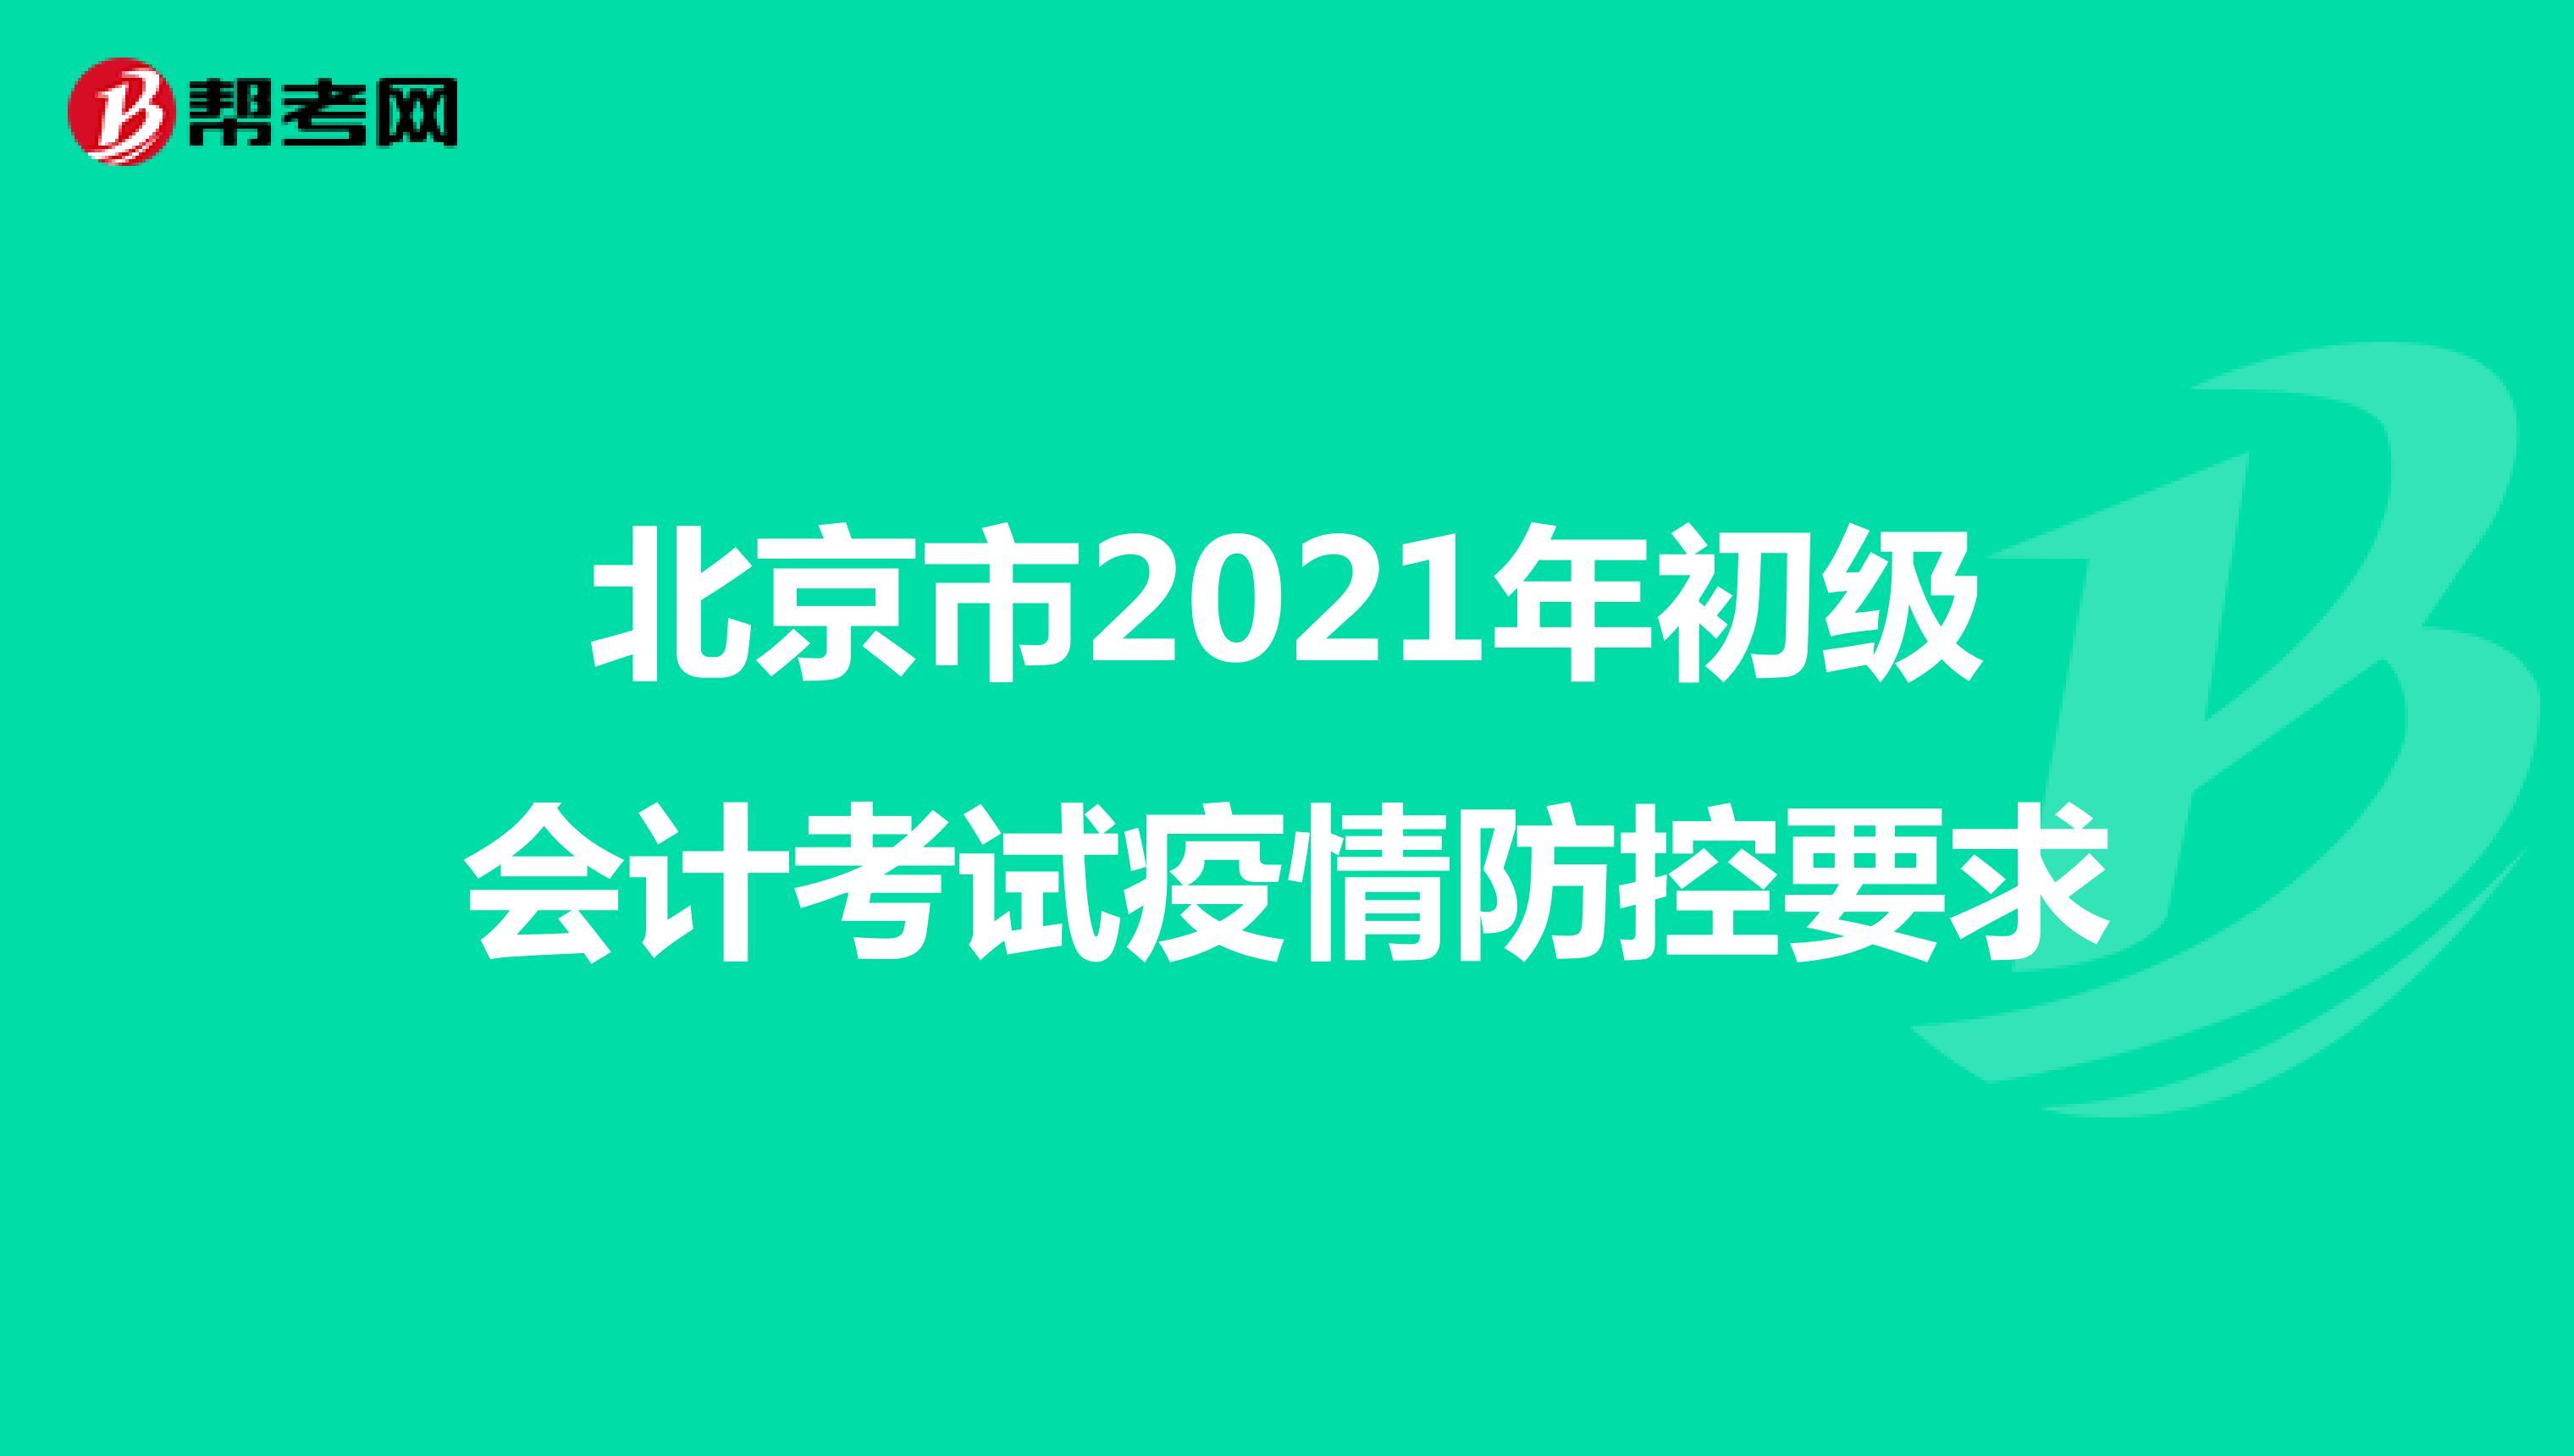 北京市2021年初级会计考试疫情防控要求